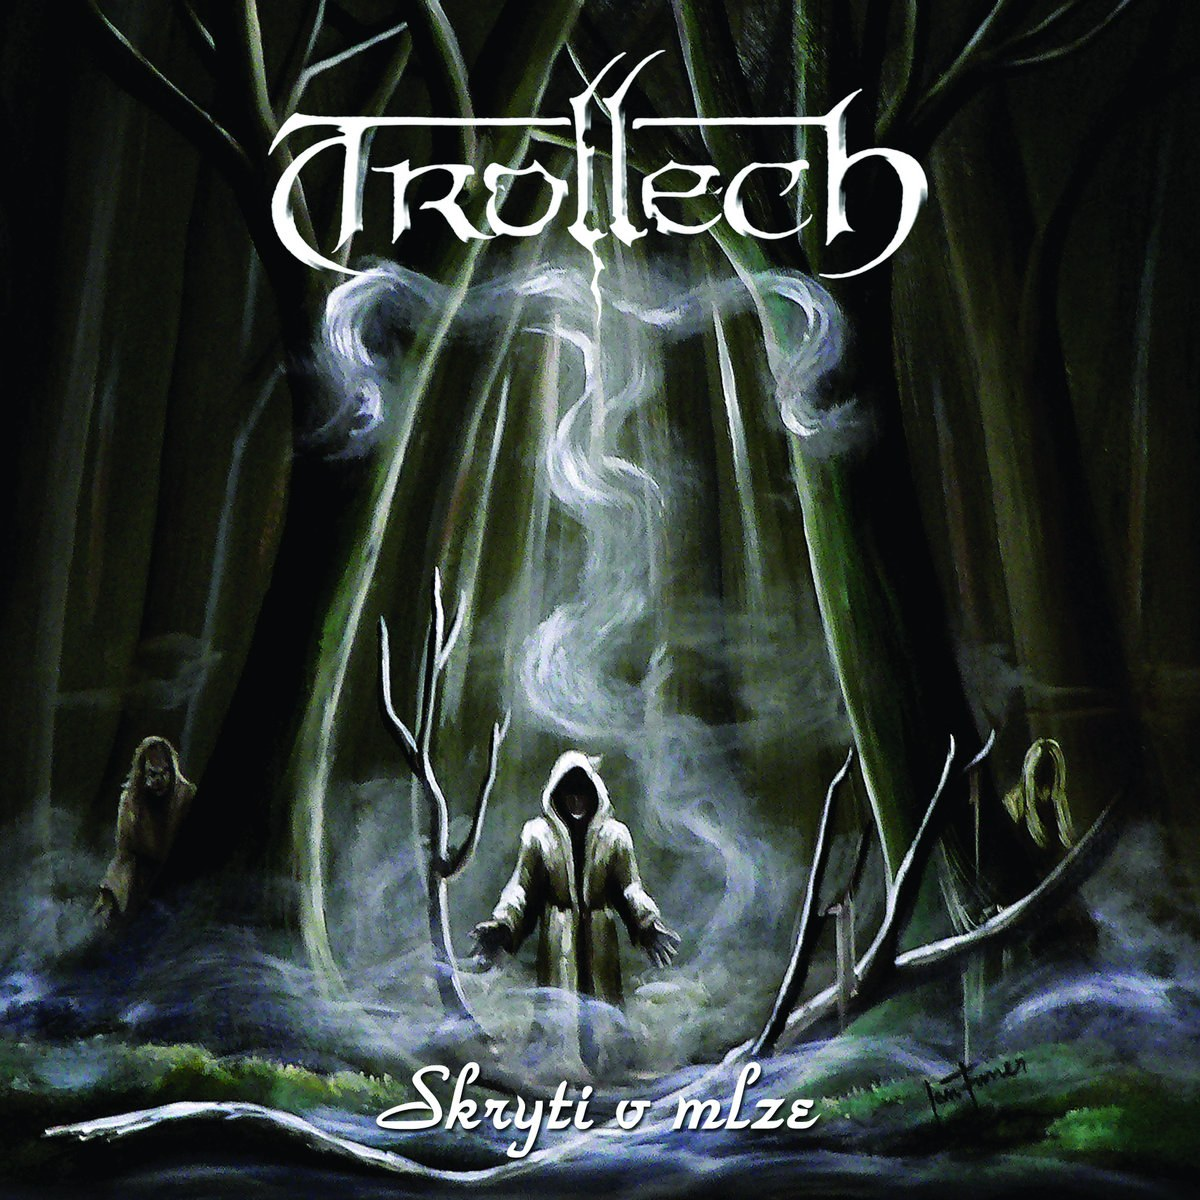 Review for Trollech - Skryti V Mlze